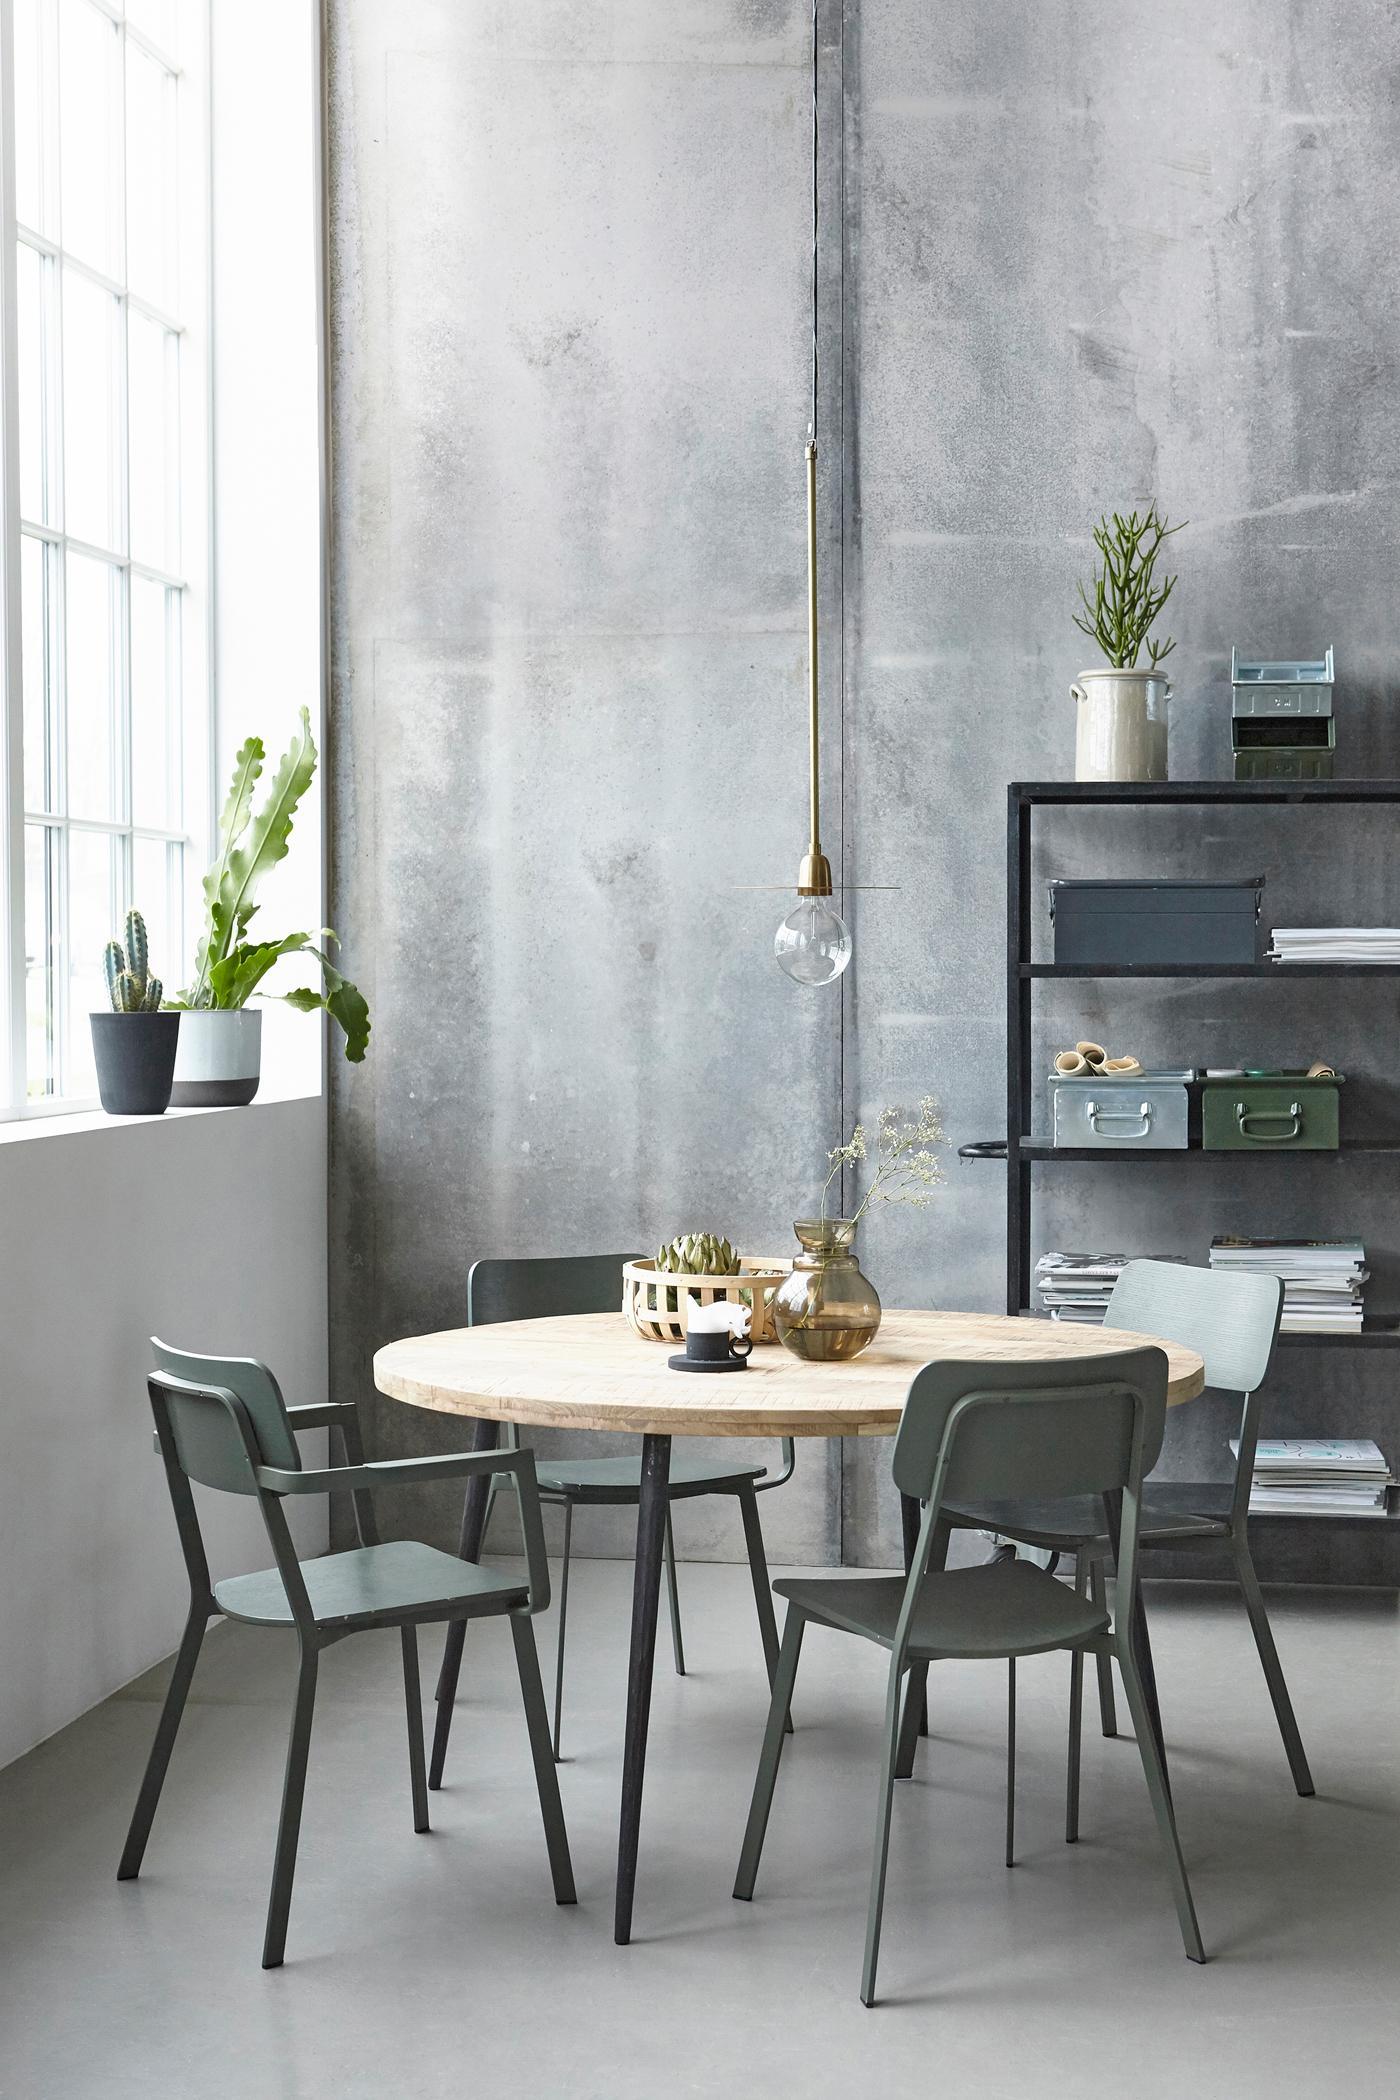 Moderner Esstisch moderner esstisch bilder ideen couchstyle